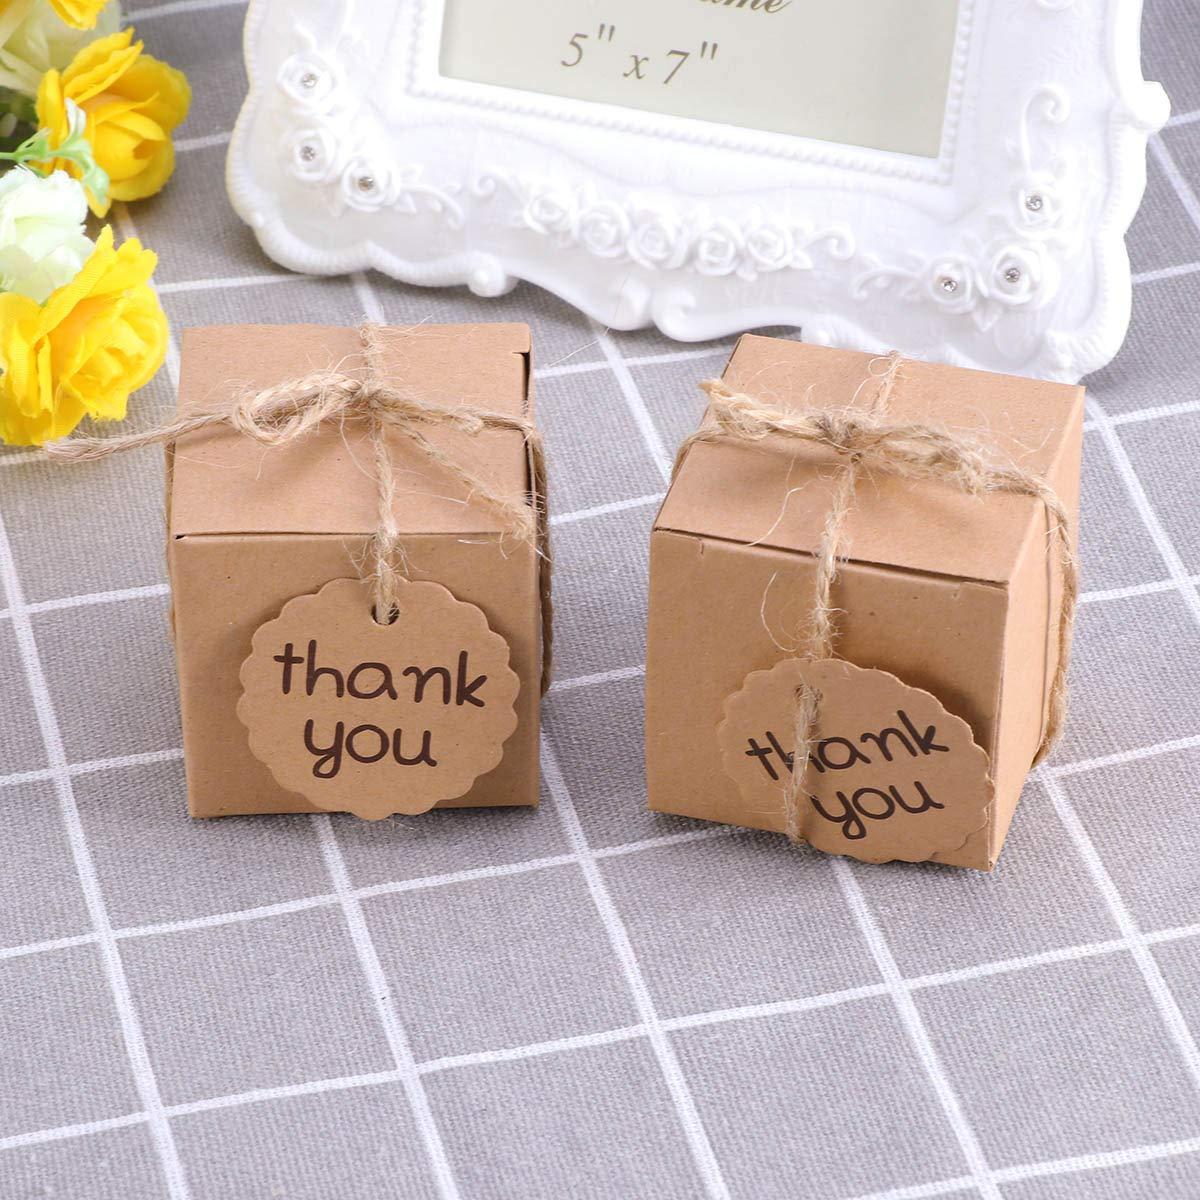 Toyvian Scatole Carta Kraft di Caramelle con Corda Etichette Thank You per Regali di Pasqua Compleanno Battesimo 100PCS